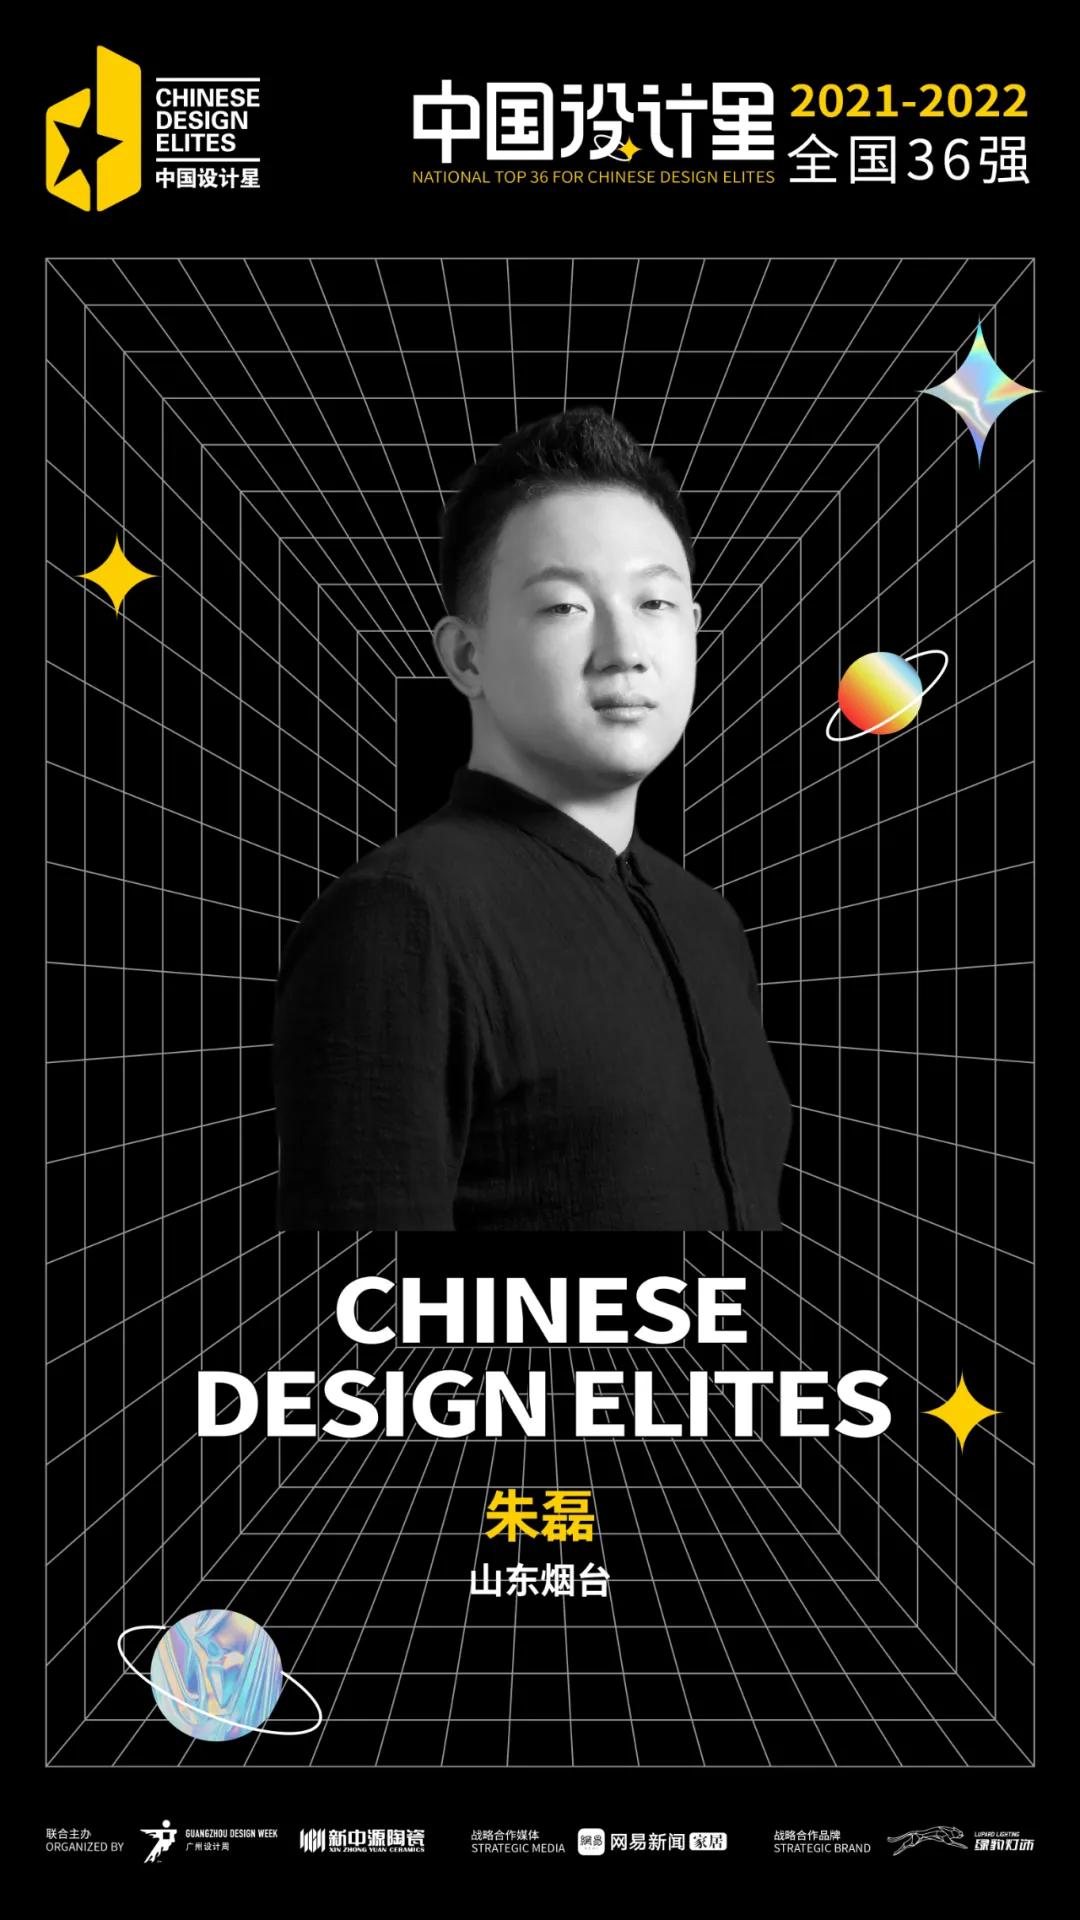 万里挑一,2021中国设计星全国36强来了